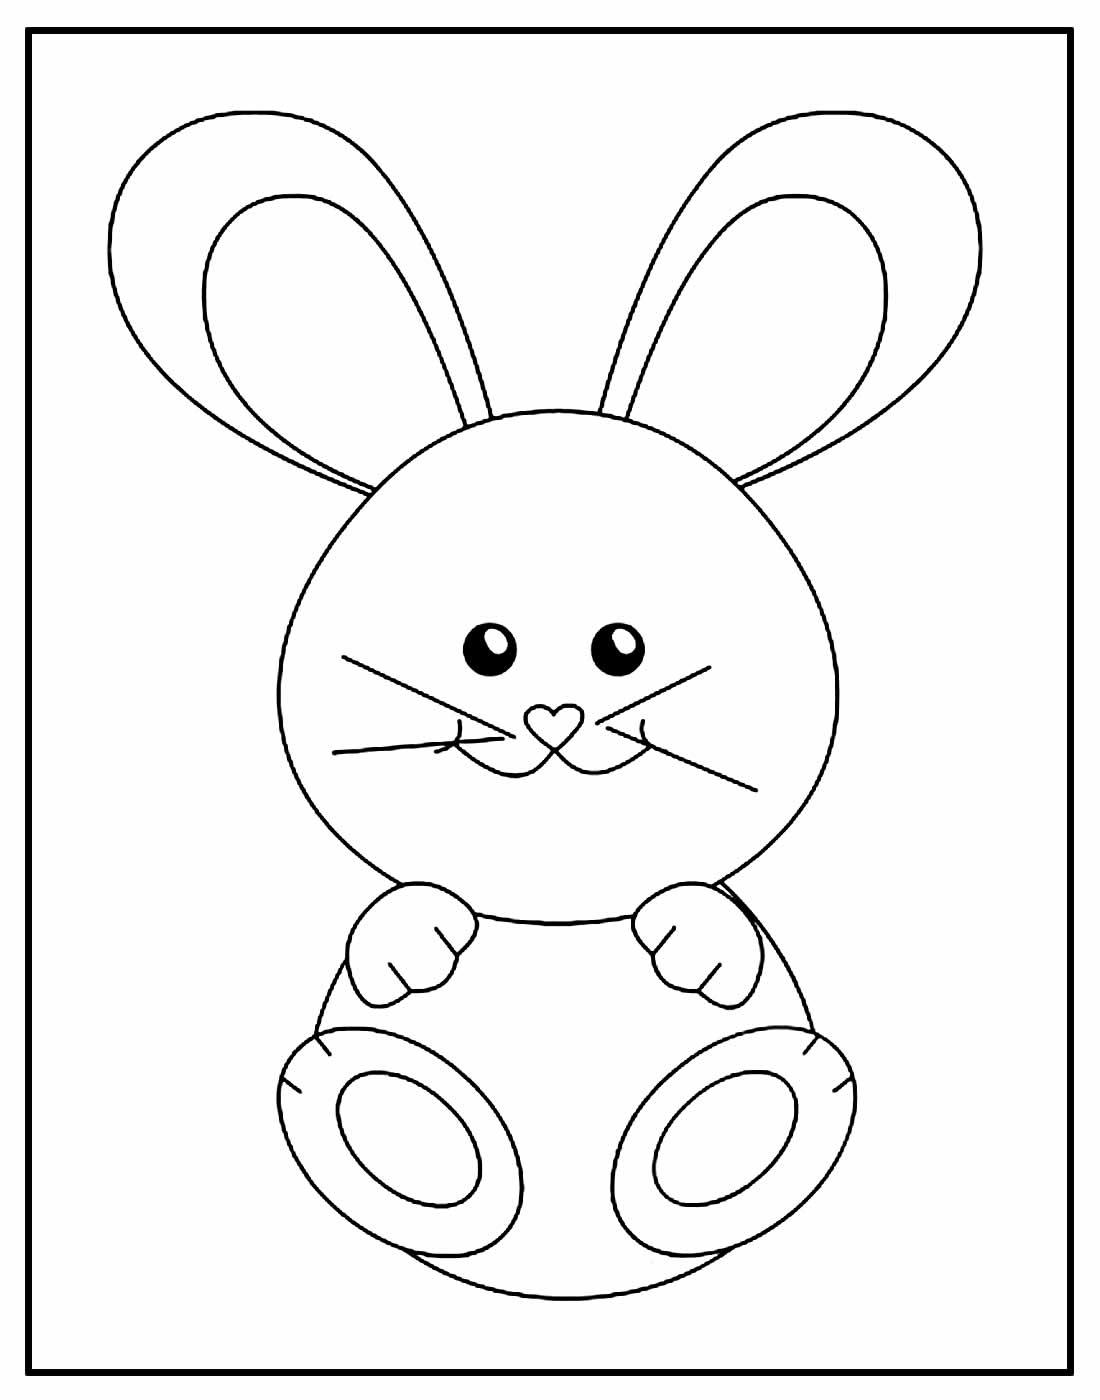 Desenho para colorir de Coelhinho da Páscoa